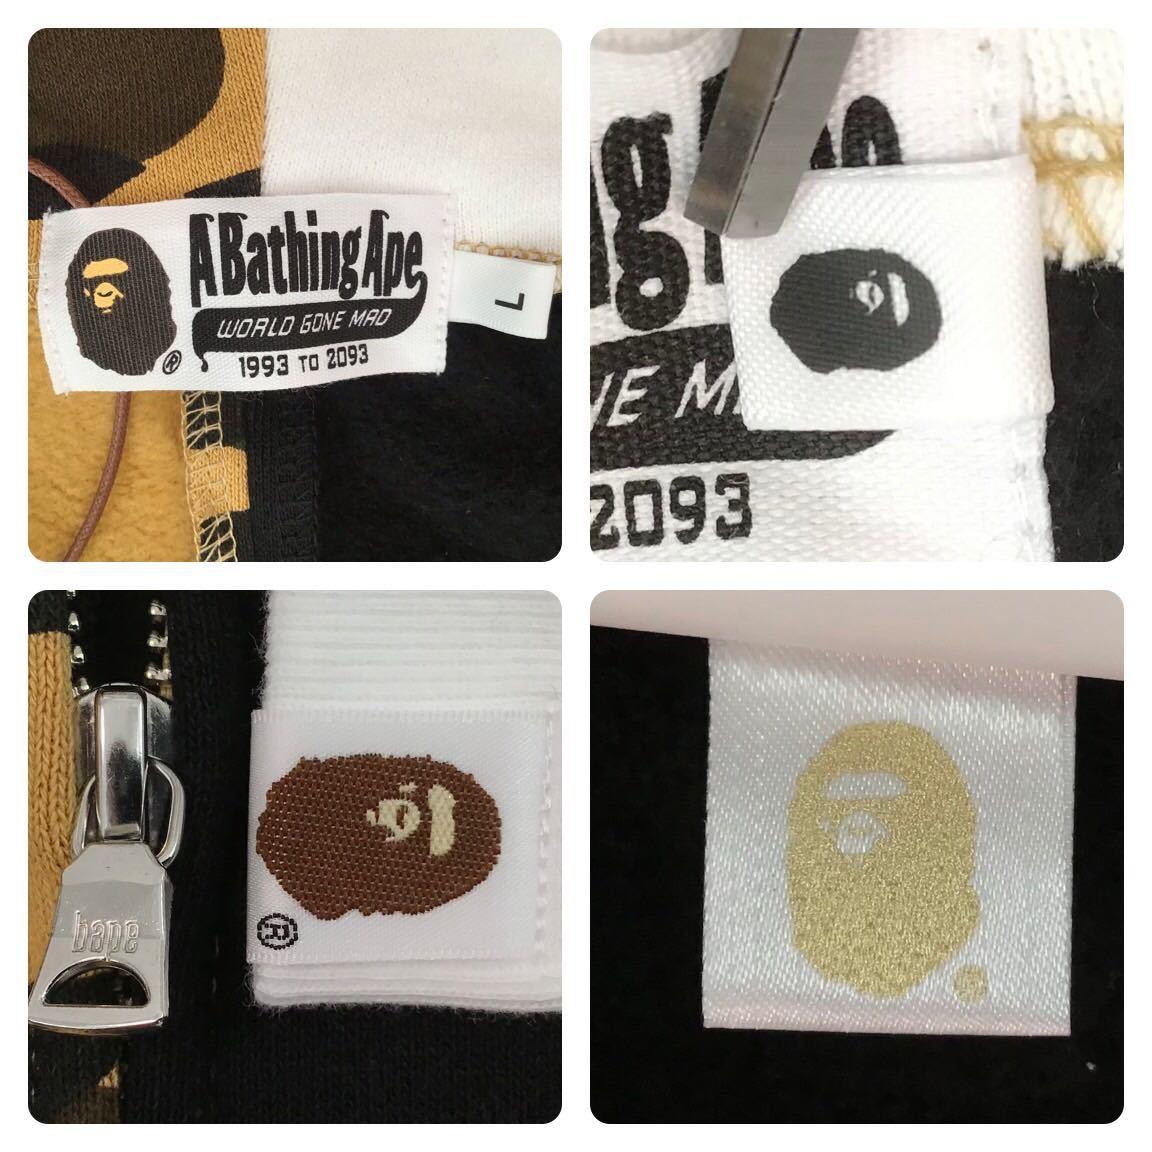 ★新品★ Ape head パンダ パーカー Lサイズ panda full zip hoodie a bathing ape bape エイプ ベイプ アベイシングエイプ 1st camo v87m